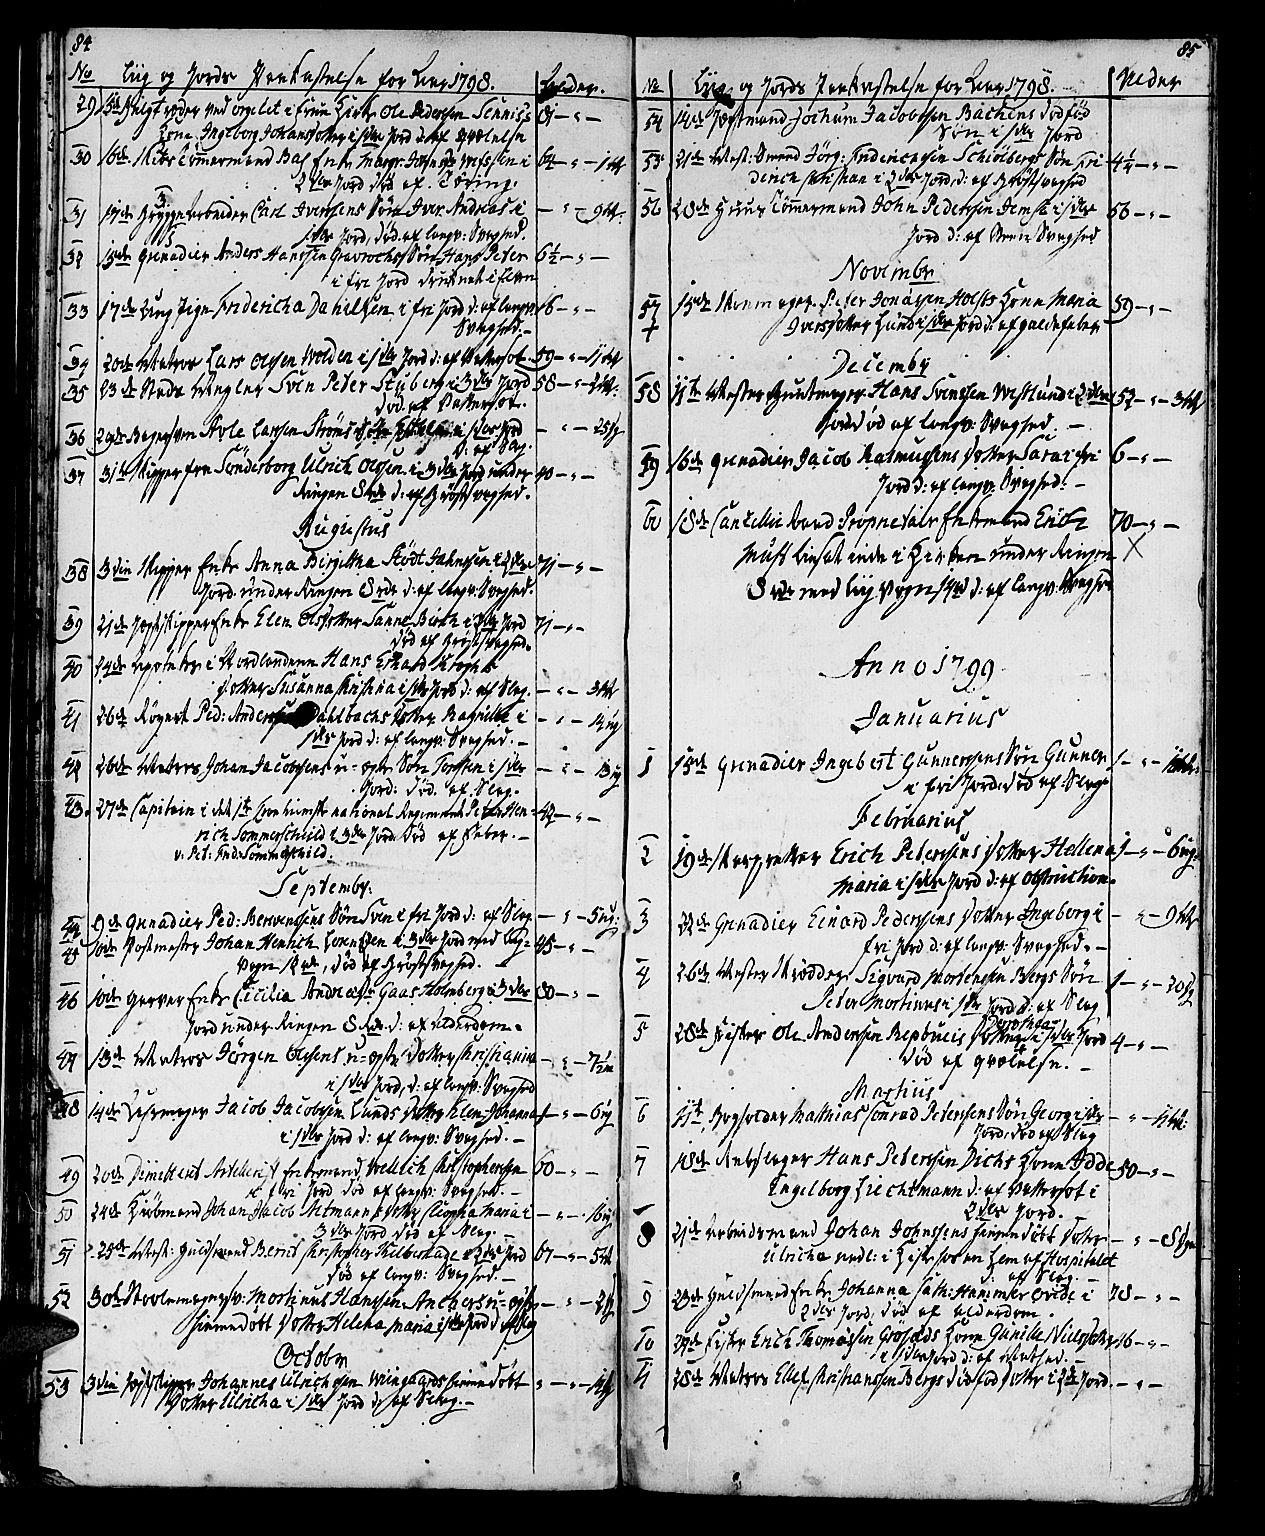 SAT, Ministerialprotokoller, klokkerbøker og fødselsregistre - Sør-Trøndelag, 602/L0134: Klokkerbok nr. 602C02, 1759-1812, s. 84-85